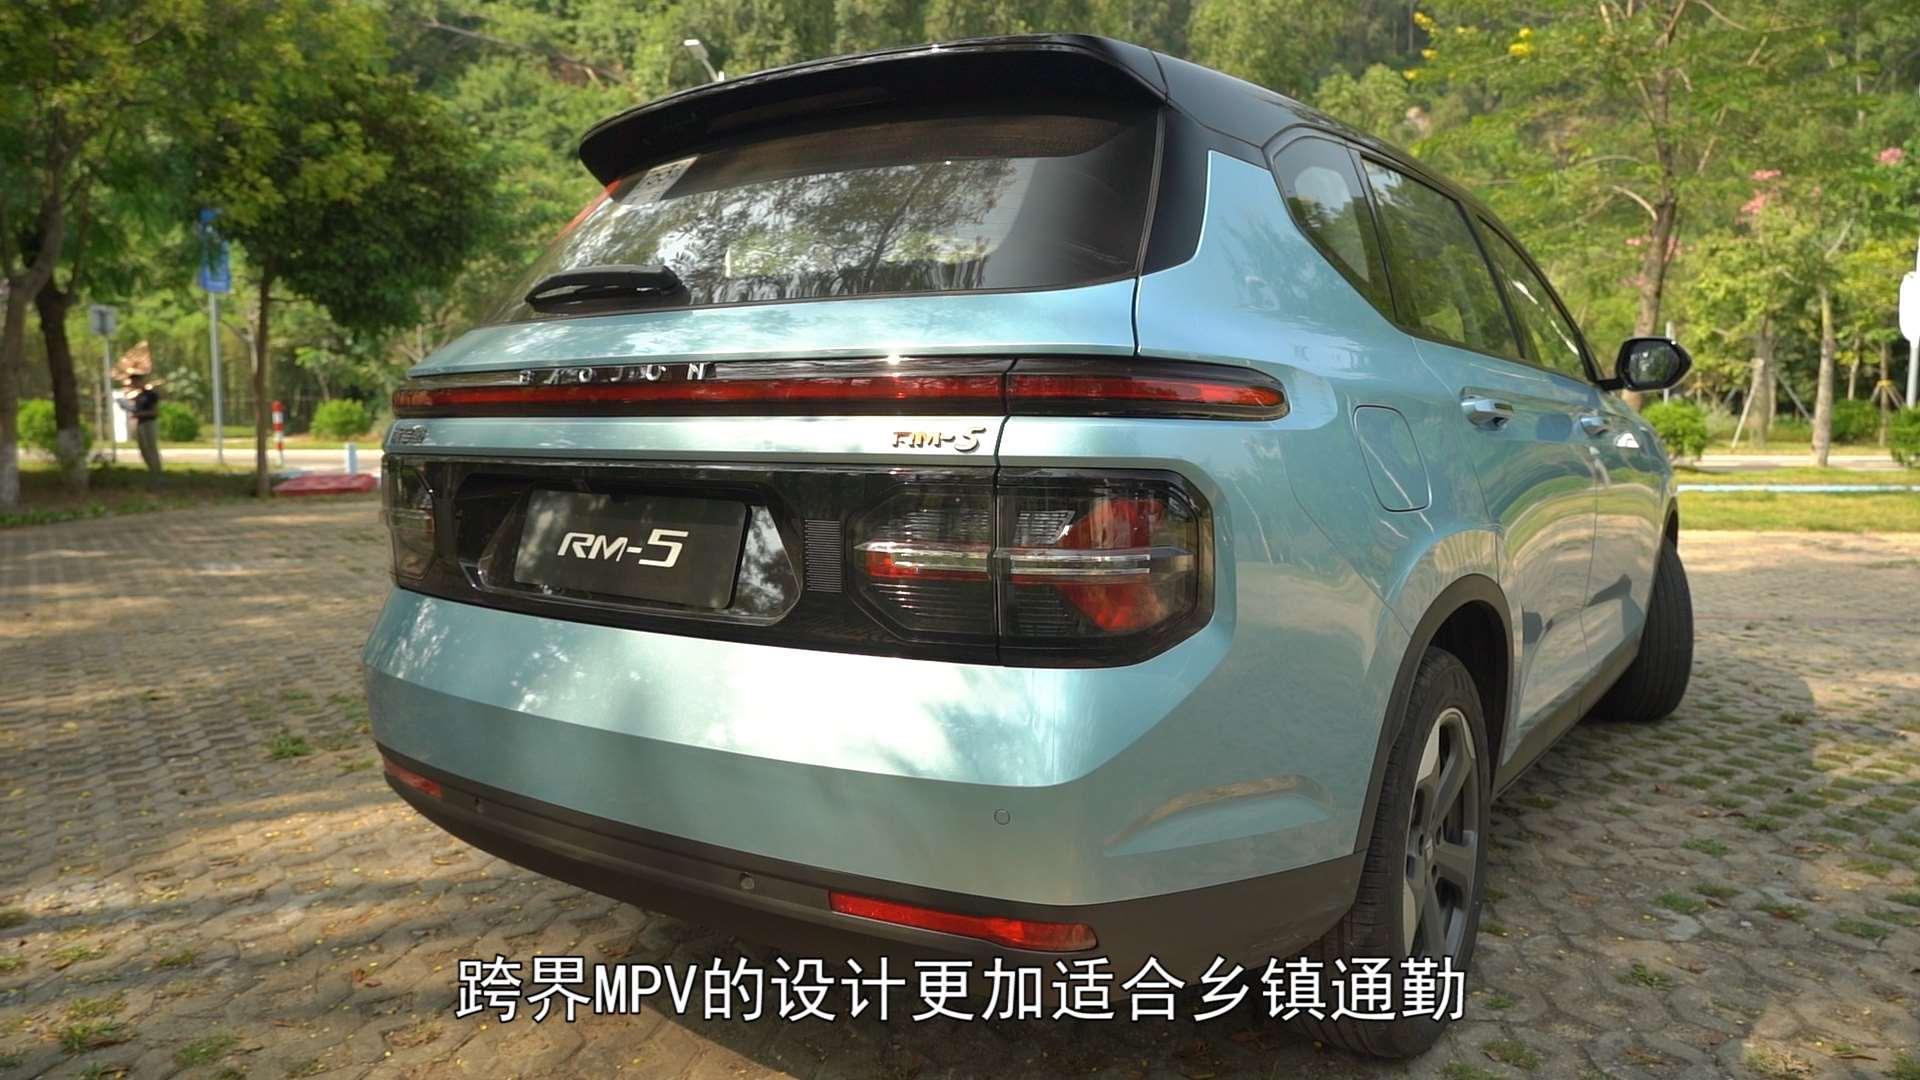 快评新宝骏RM5,五菱集团最好的产品?